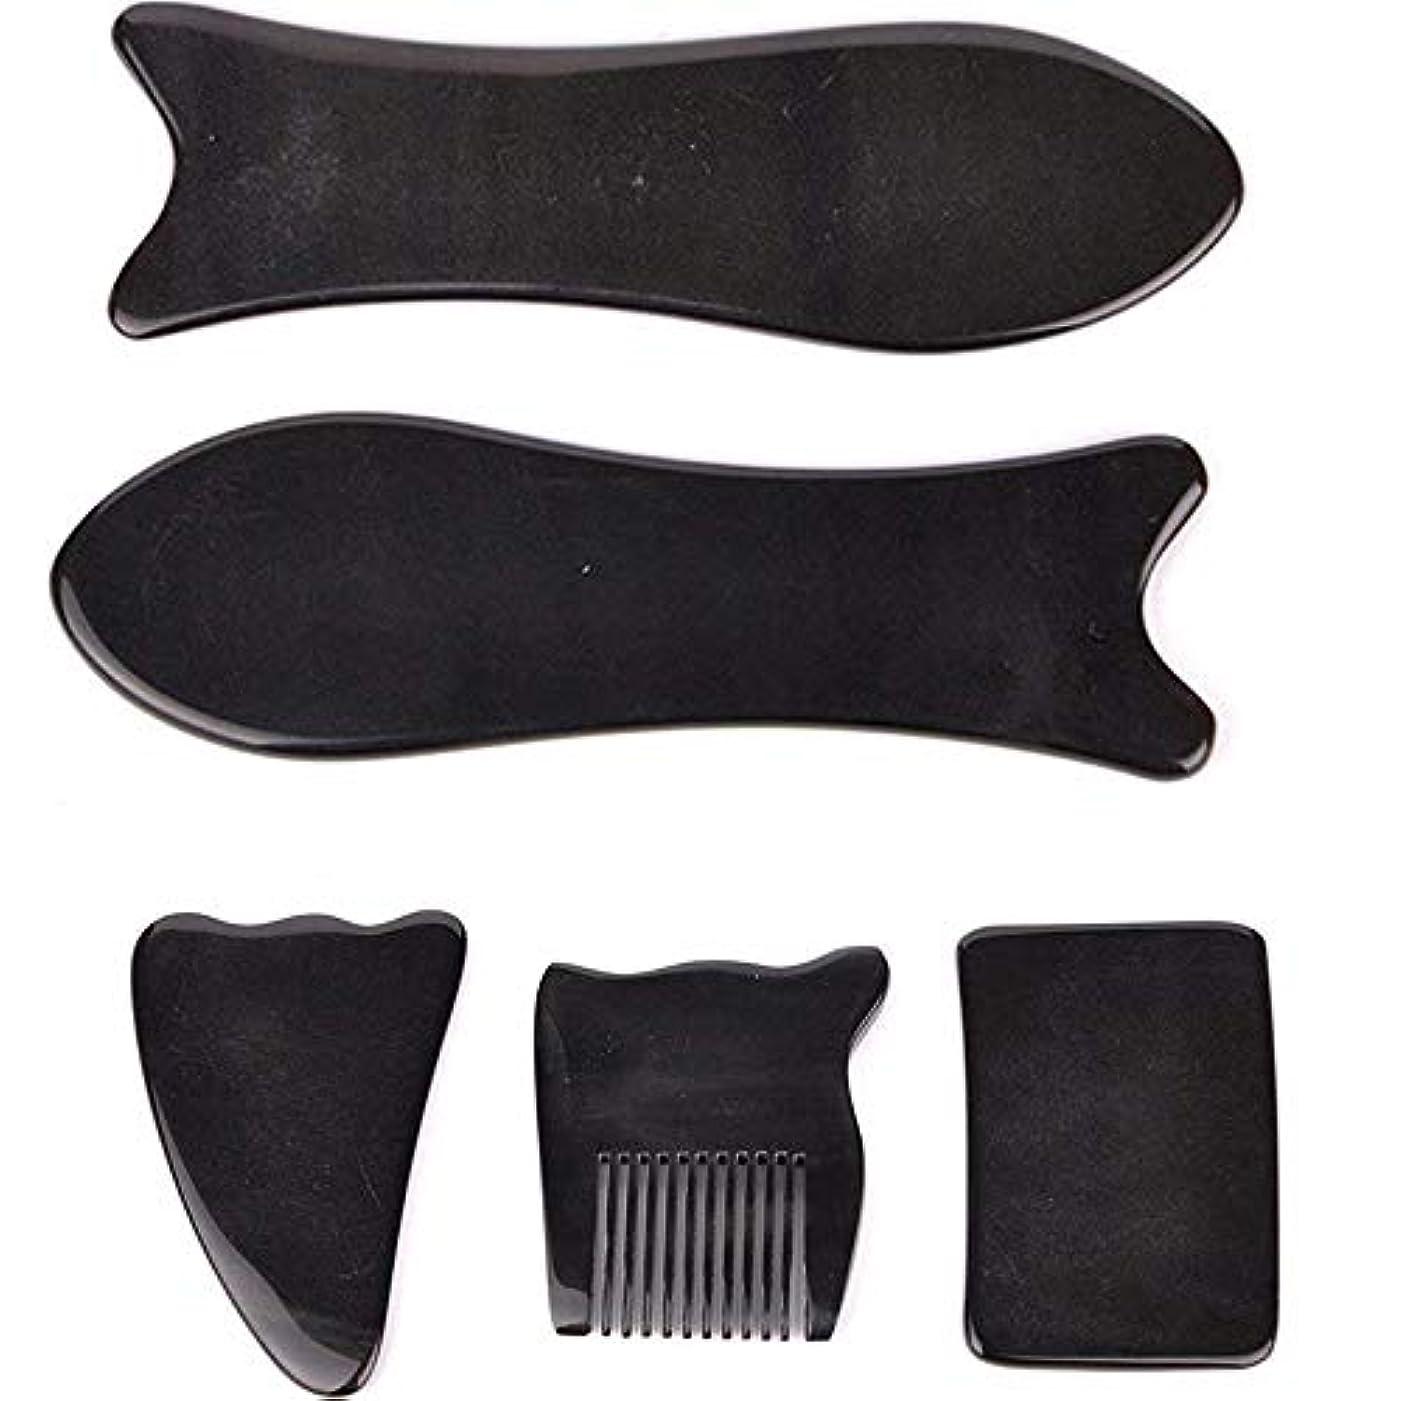 アベニュー突破口著名なEcho & Kern 5点セット中国伝統かっさ美容マッサージ板 水牛角かっさプレートBLACK OX HORN 5 PCS optik Natural Water Buffalo Horn Gua Sha Board-Reduce...